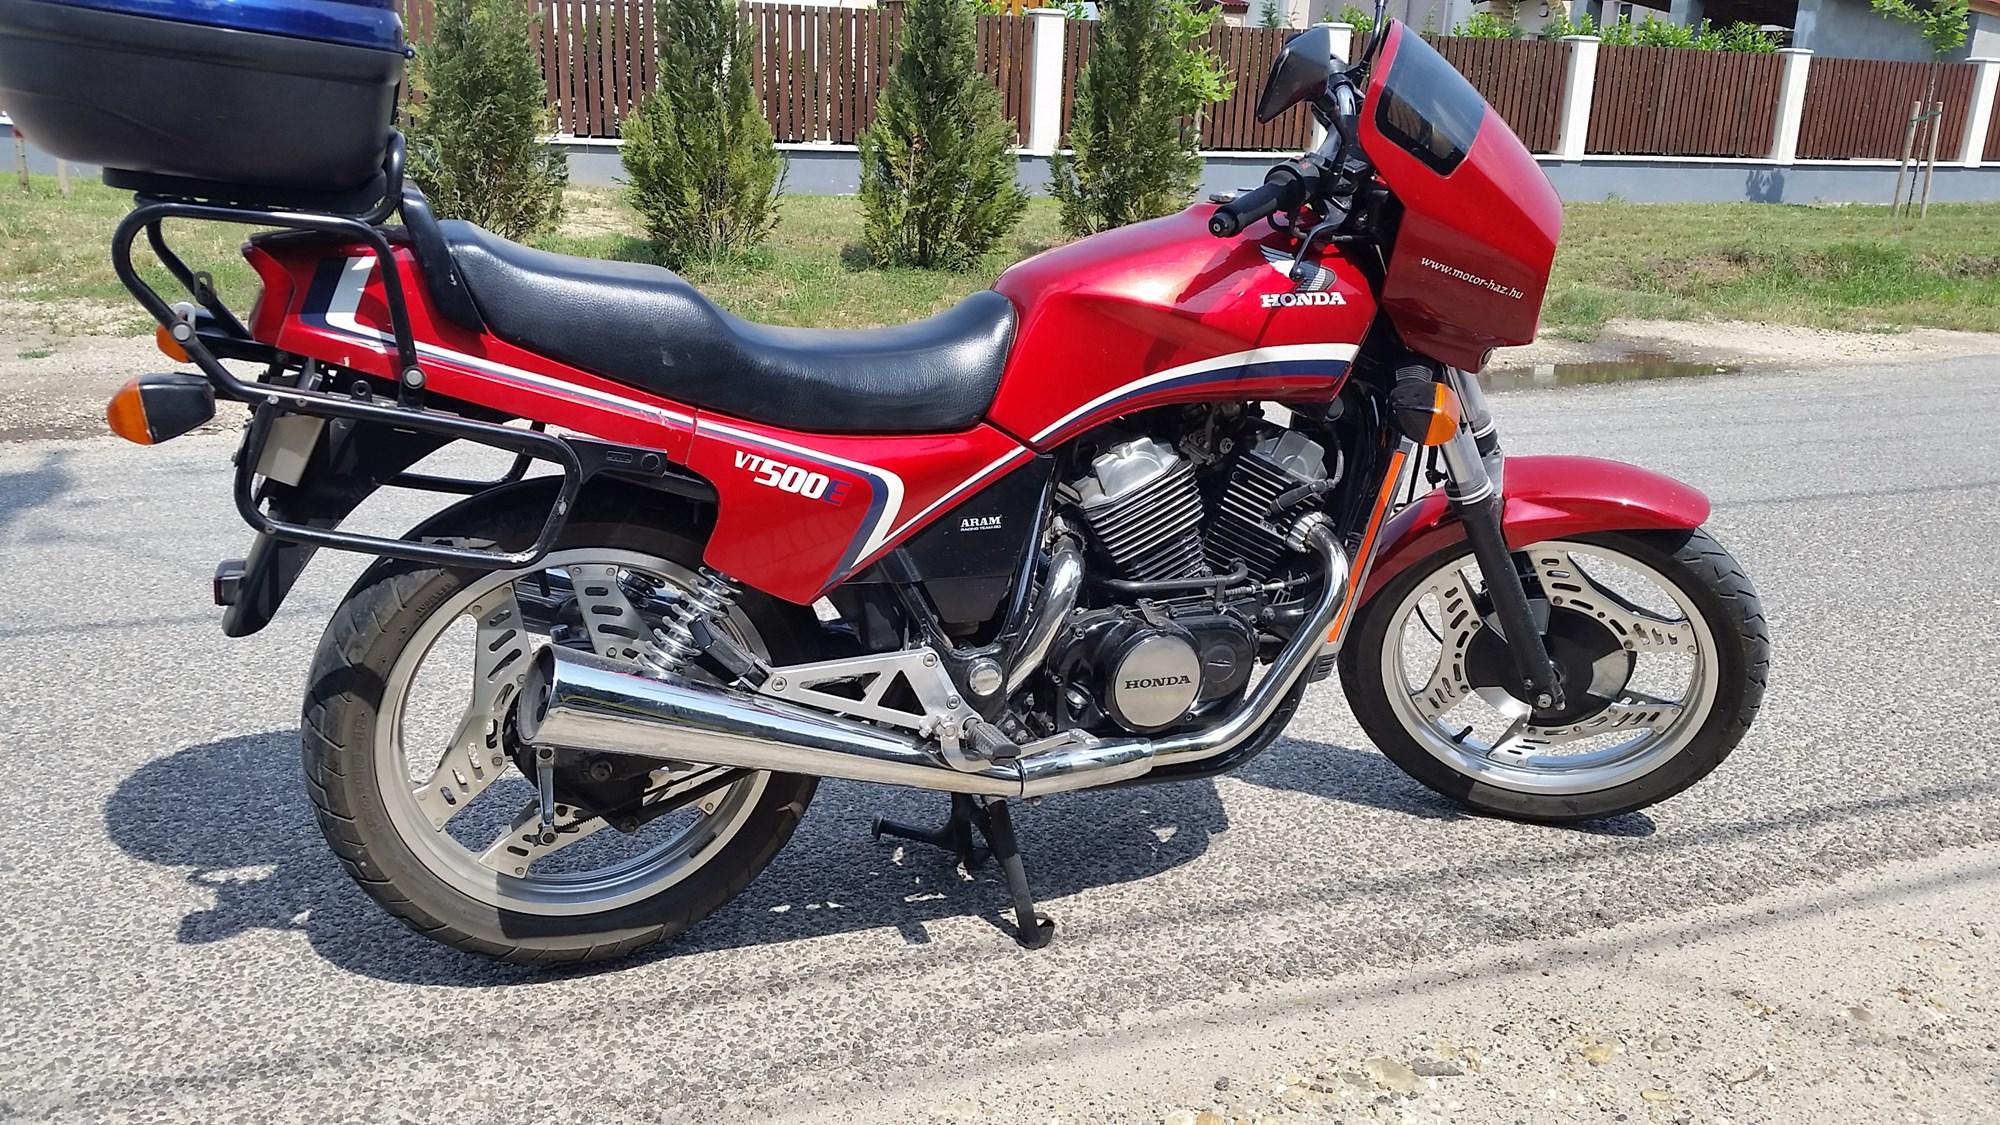 HONDA VT500E, 1. kép